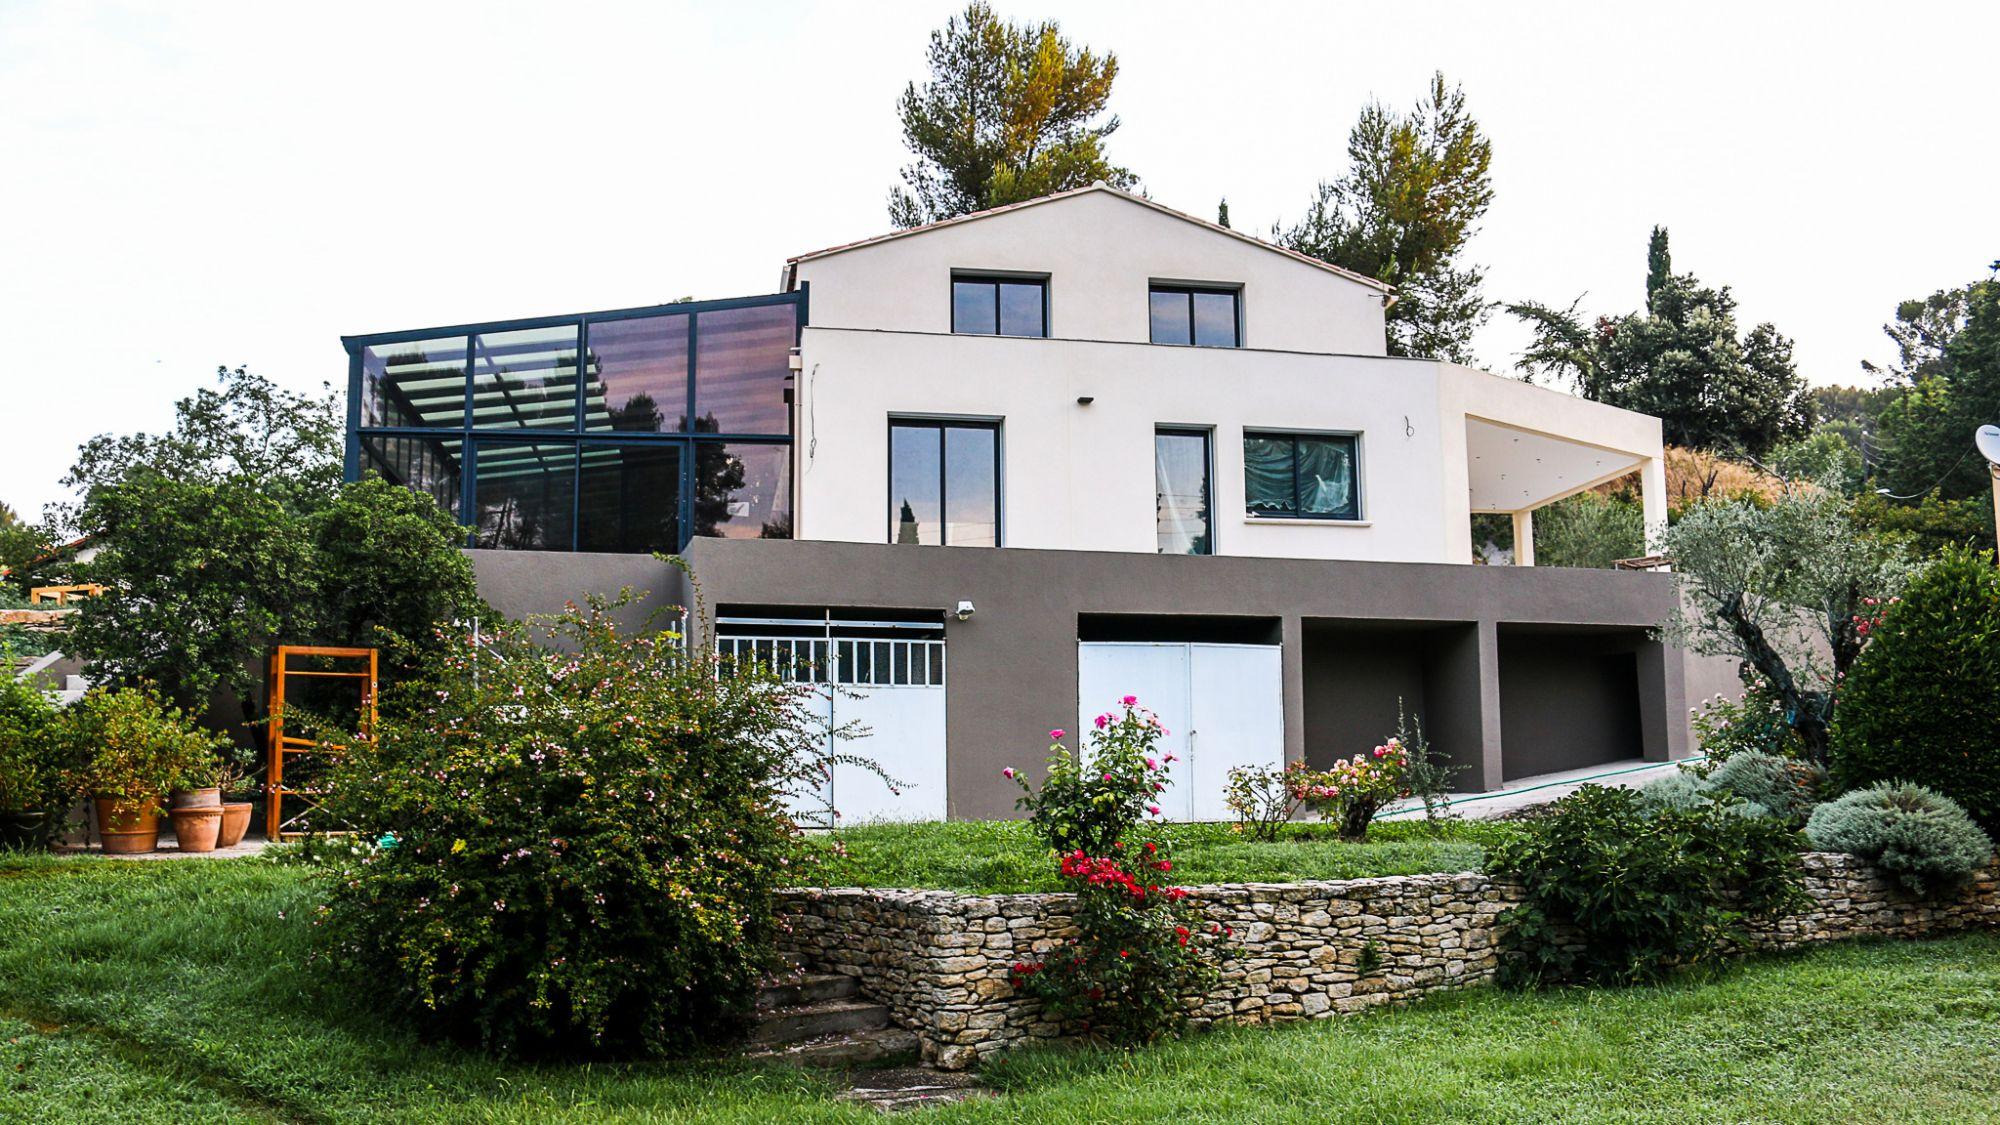 Entreprise De Maçonnerie Aix En Provence entreprise de maçonnerie pour la construction de maison à